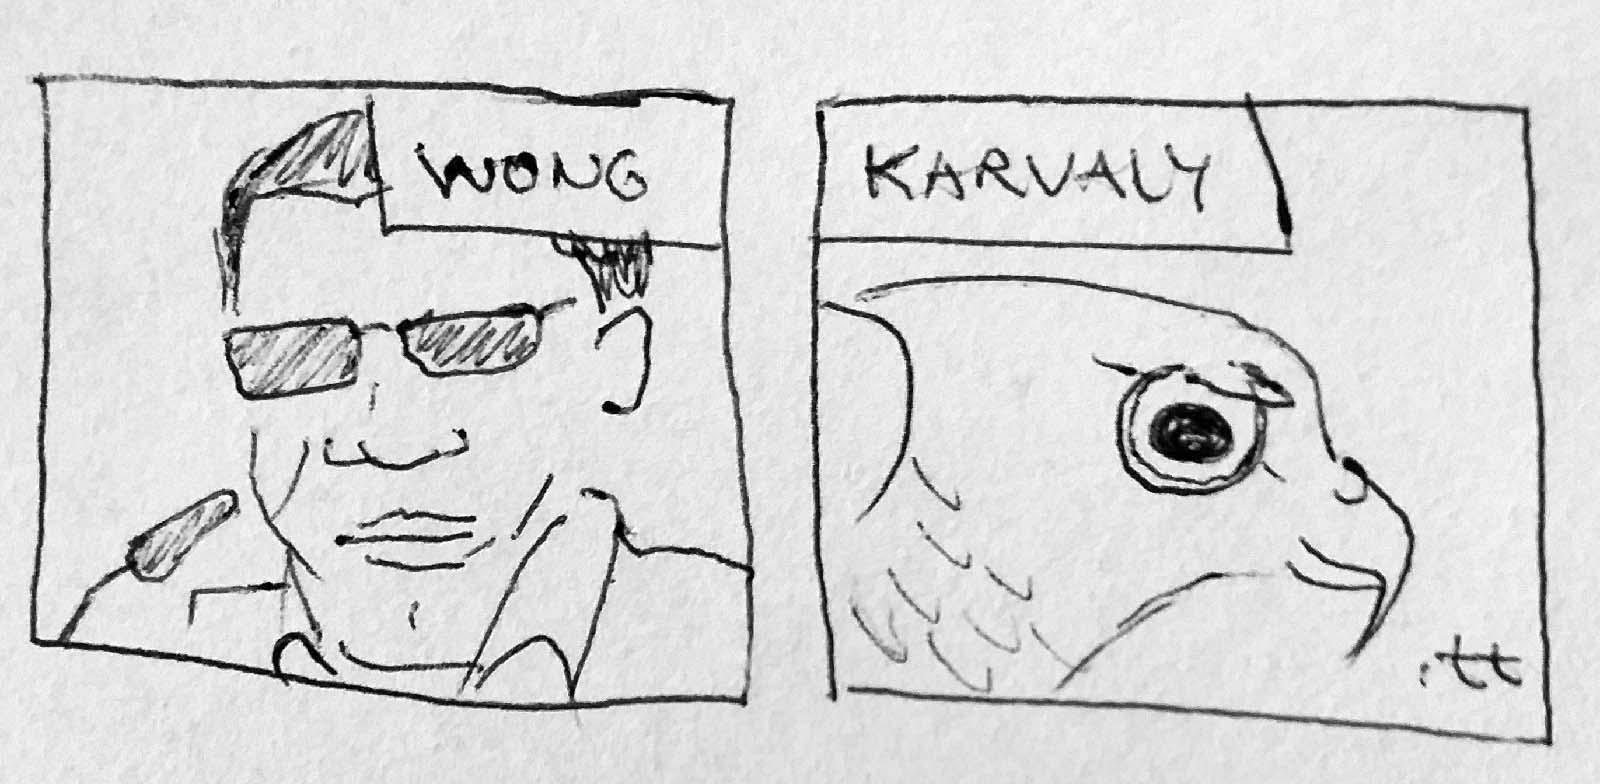 Wong Sparrowhawk